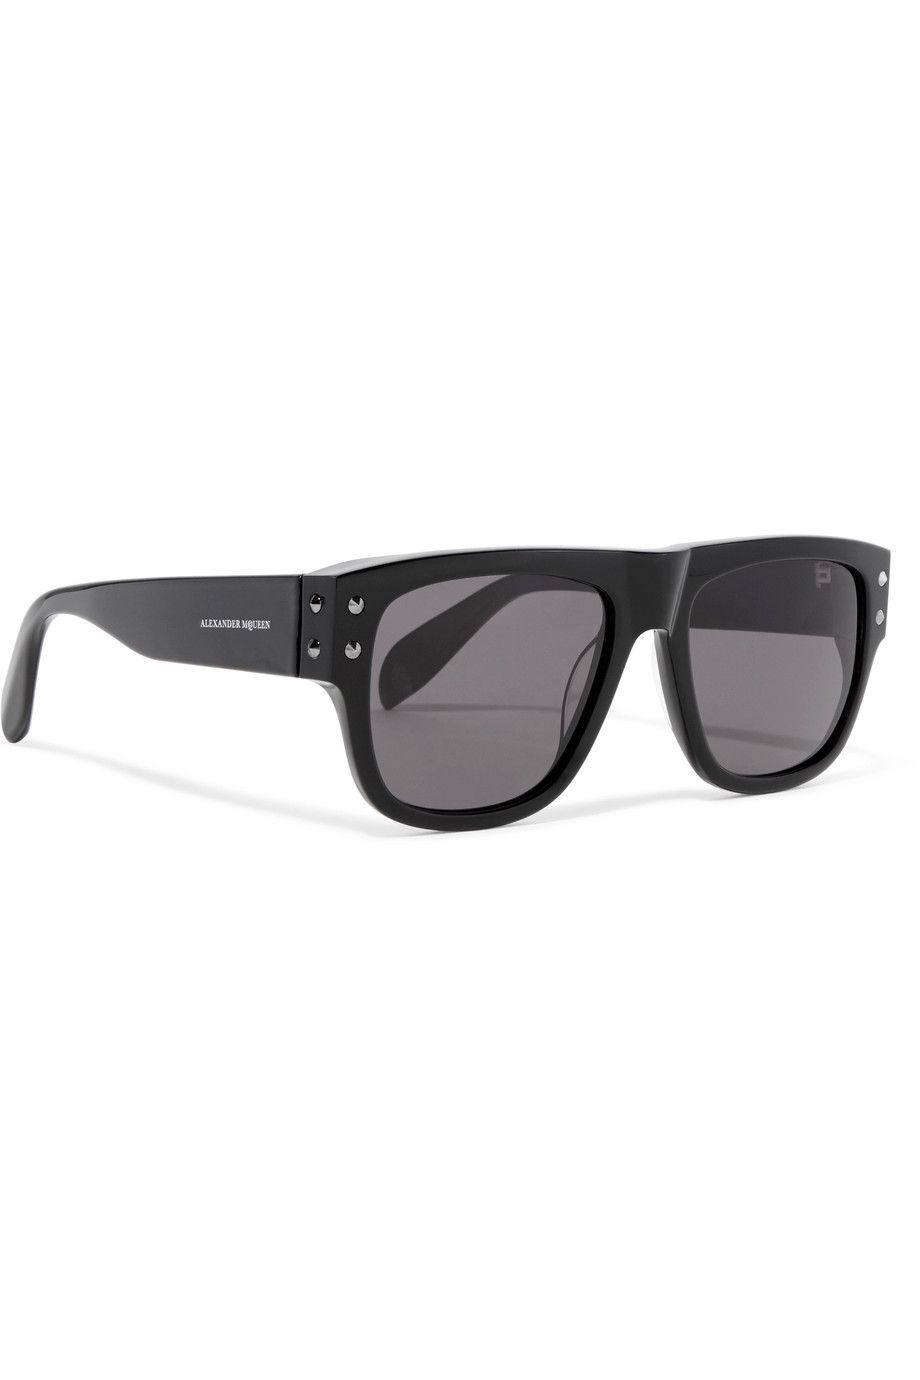 Alexander McQueen | Embellished D-frame acetate sunglasses | NET-A ...